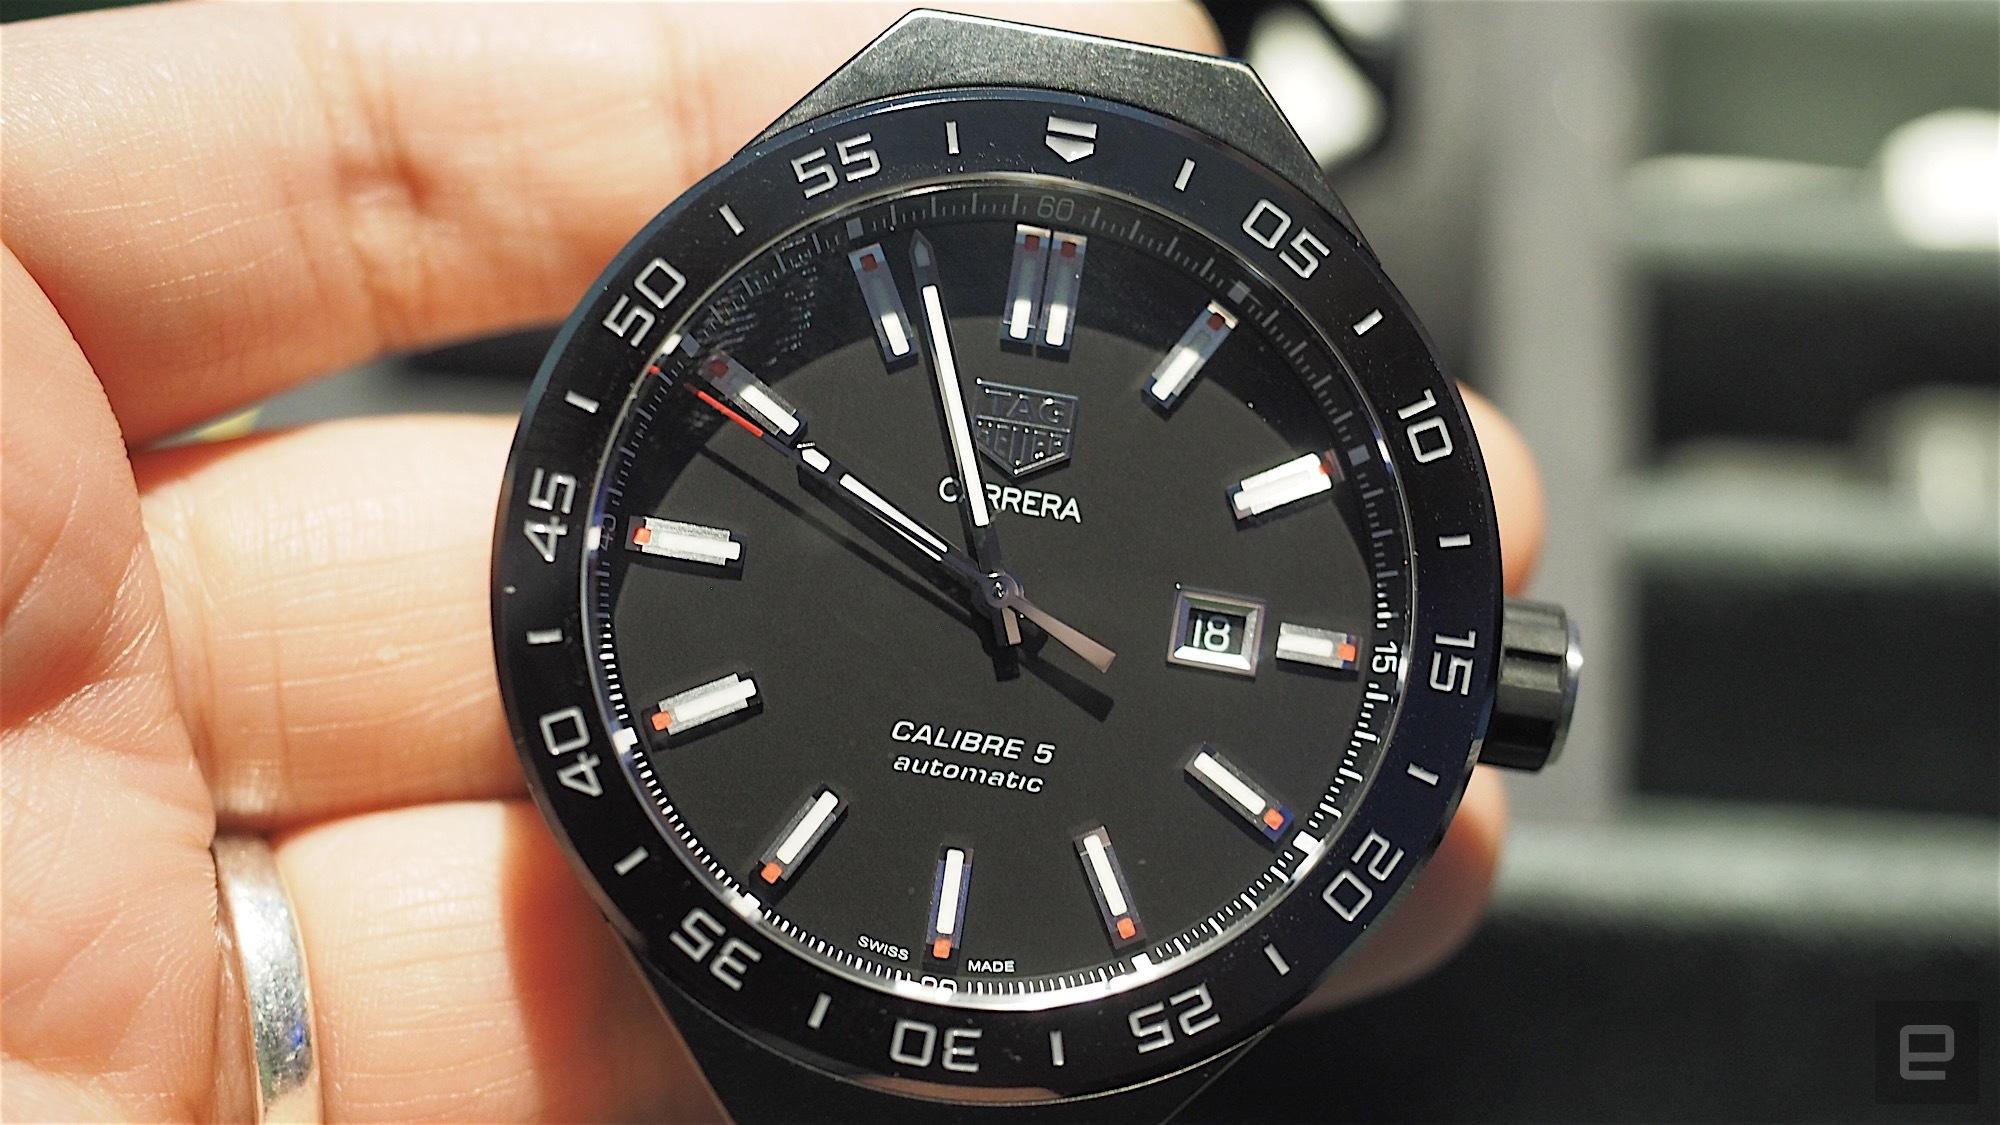 Este es Connected Modular 45, el reloj modular y androide de Tag Heuer